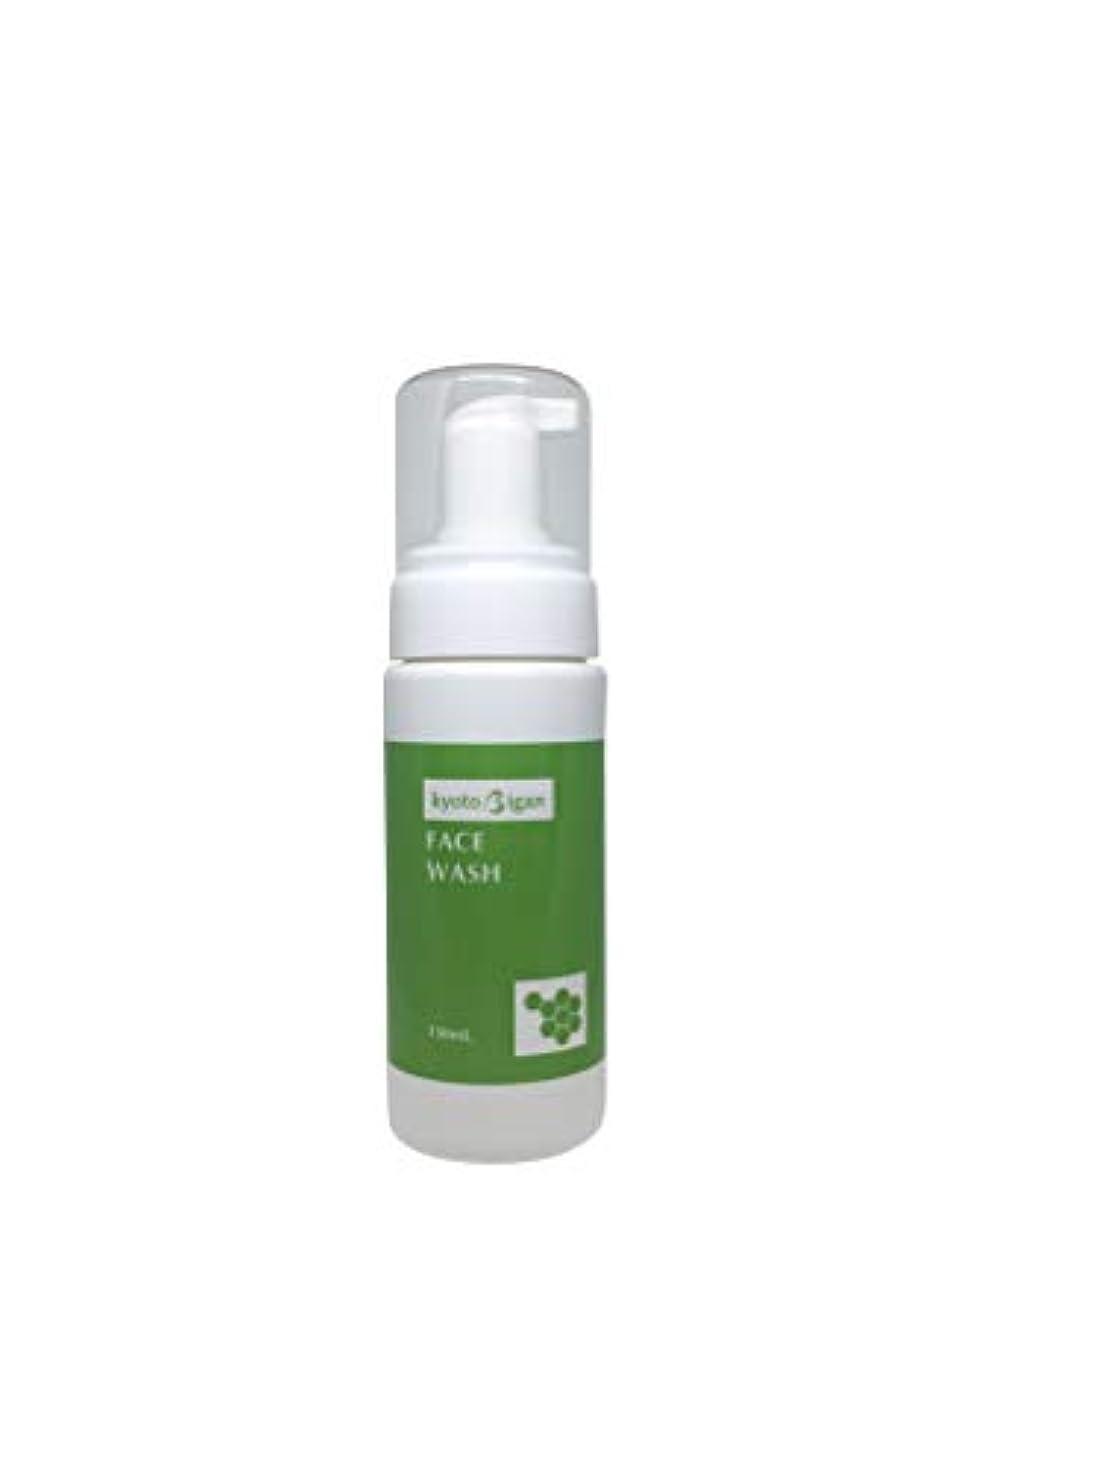 ピジンセミナークリケットフェイスウォッシュ(泡の洗顔料,敏感肌乾燥肌対応,ローヤルゼリーハーブエキス配合)